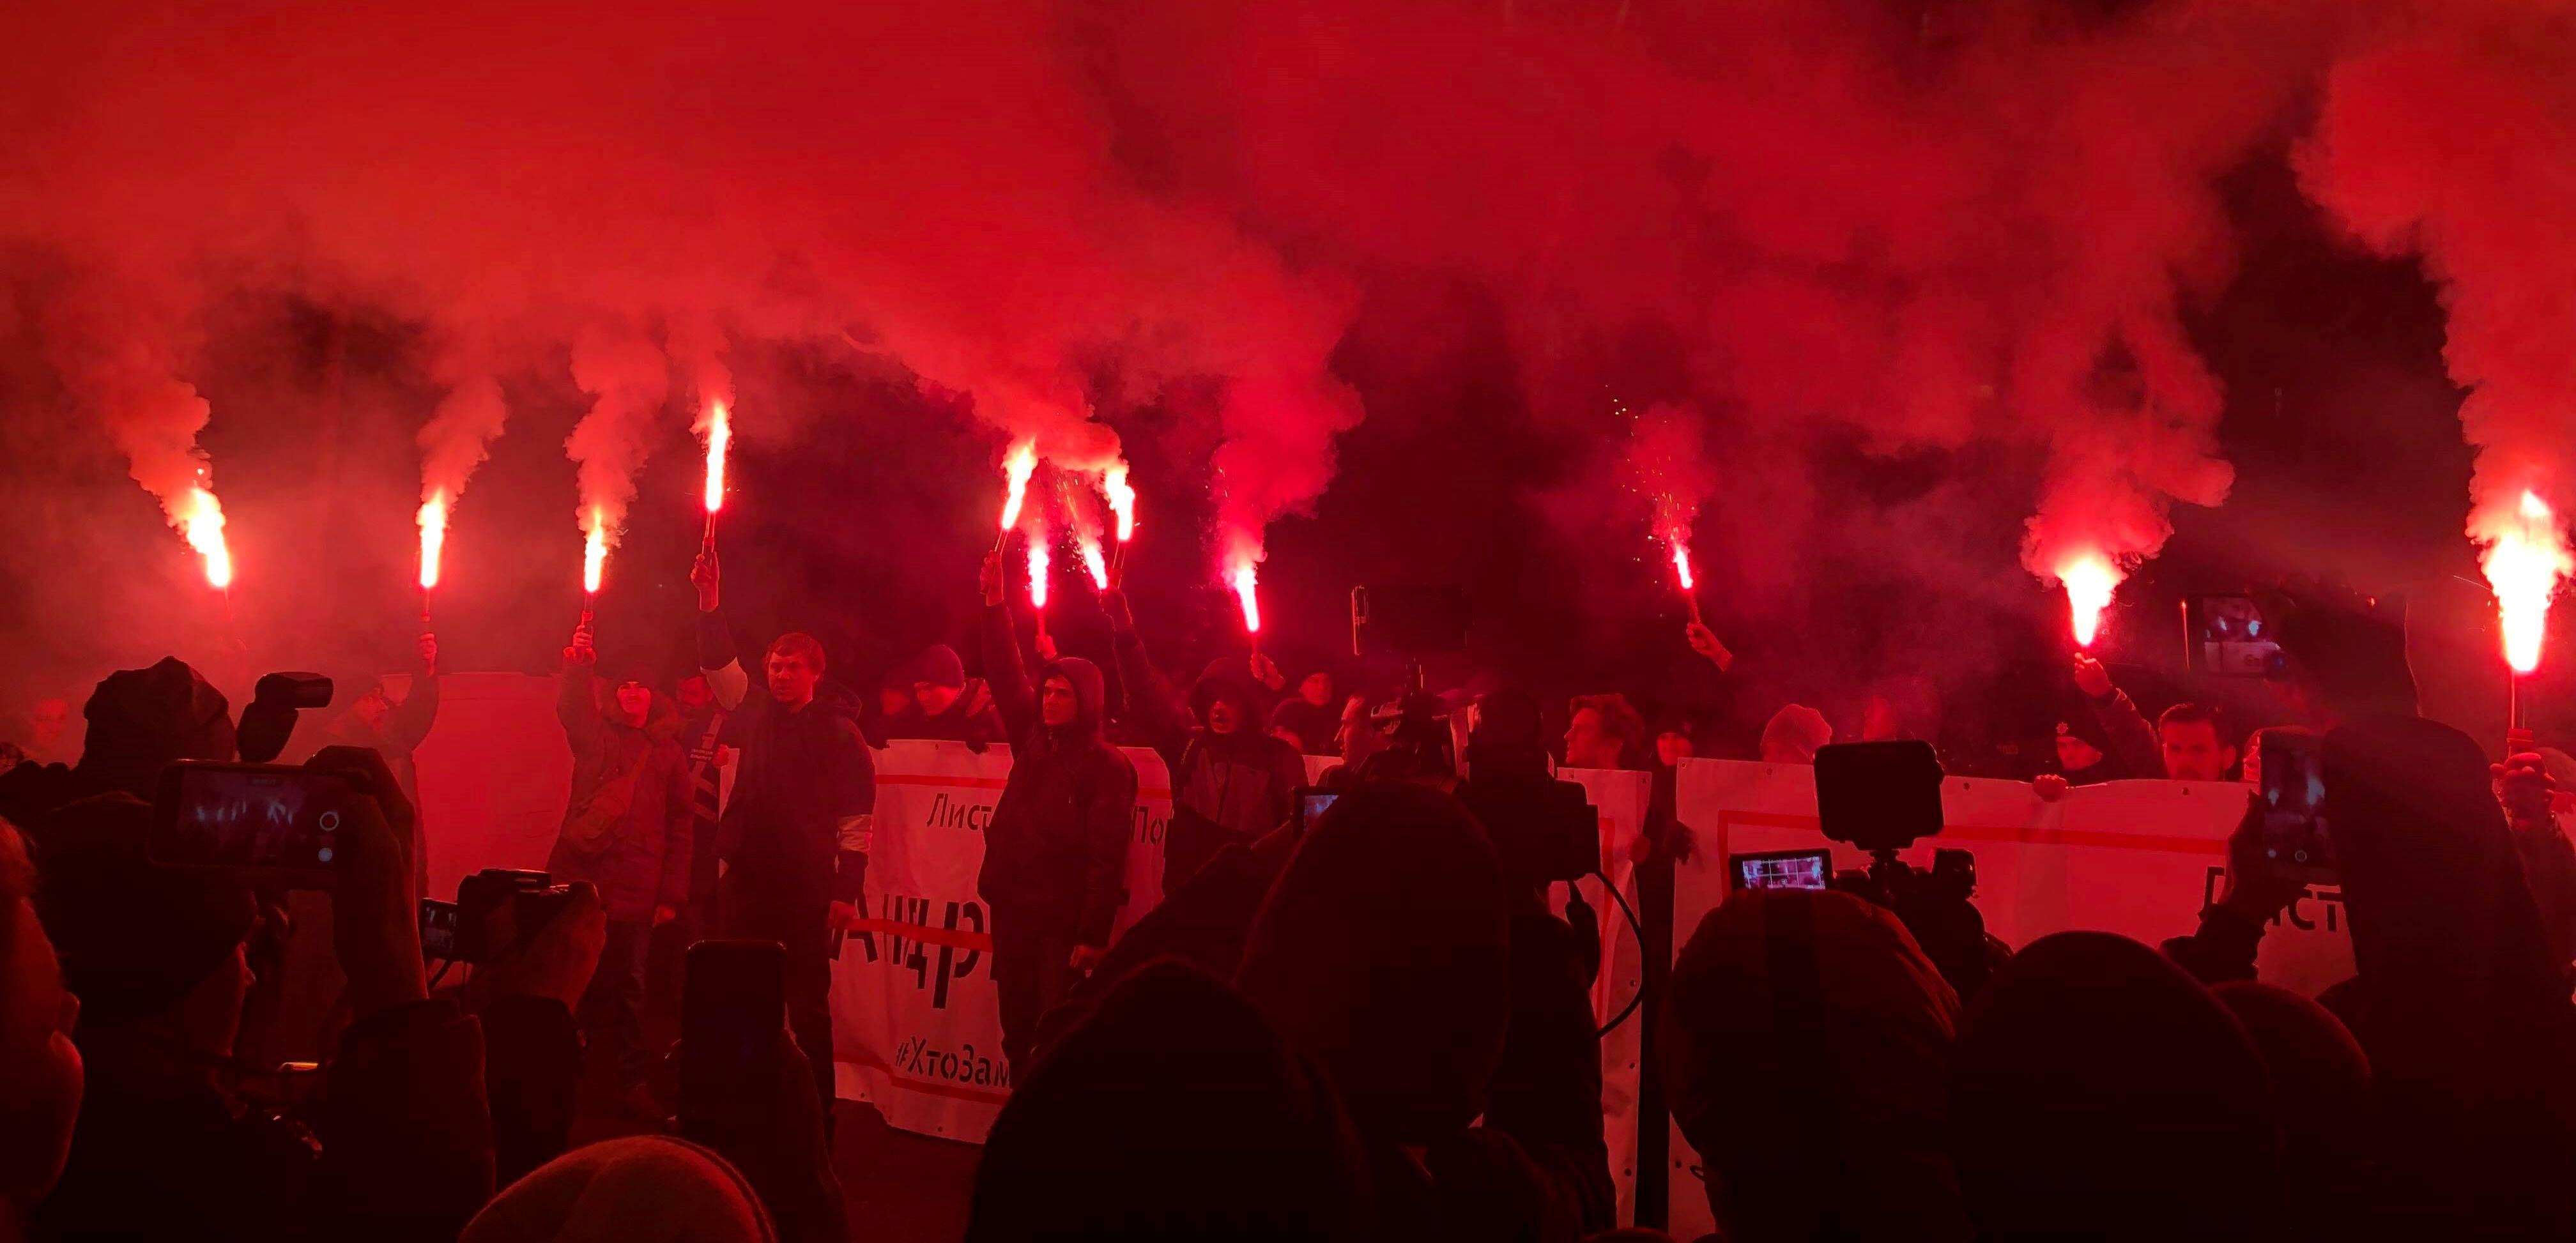 активісти запалили фаєри